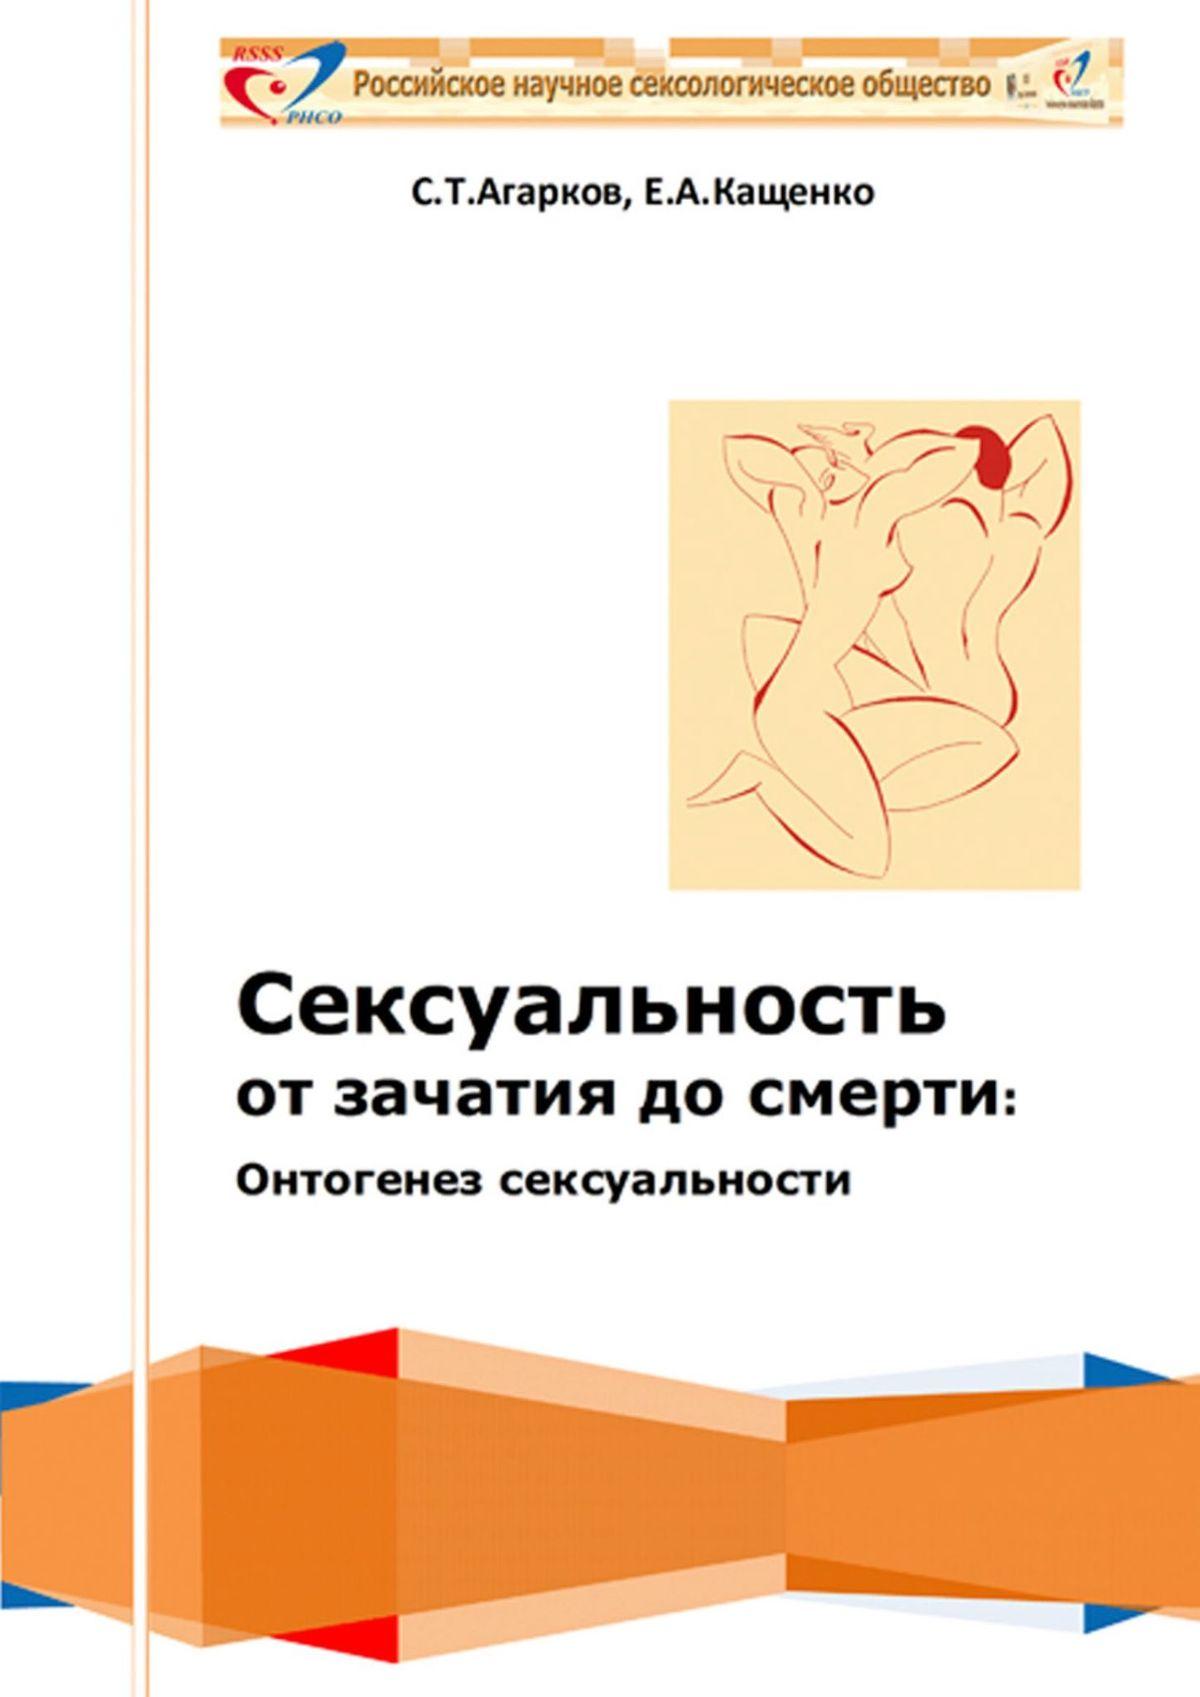 Сексуальность отзачатия досмерти: онтогенез сексуальности